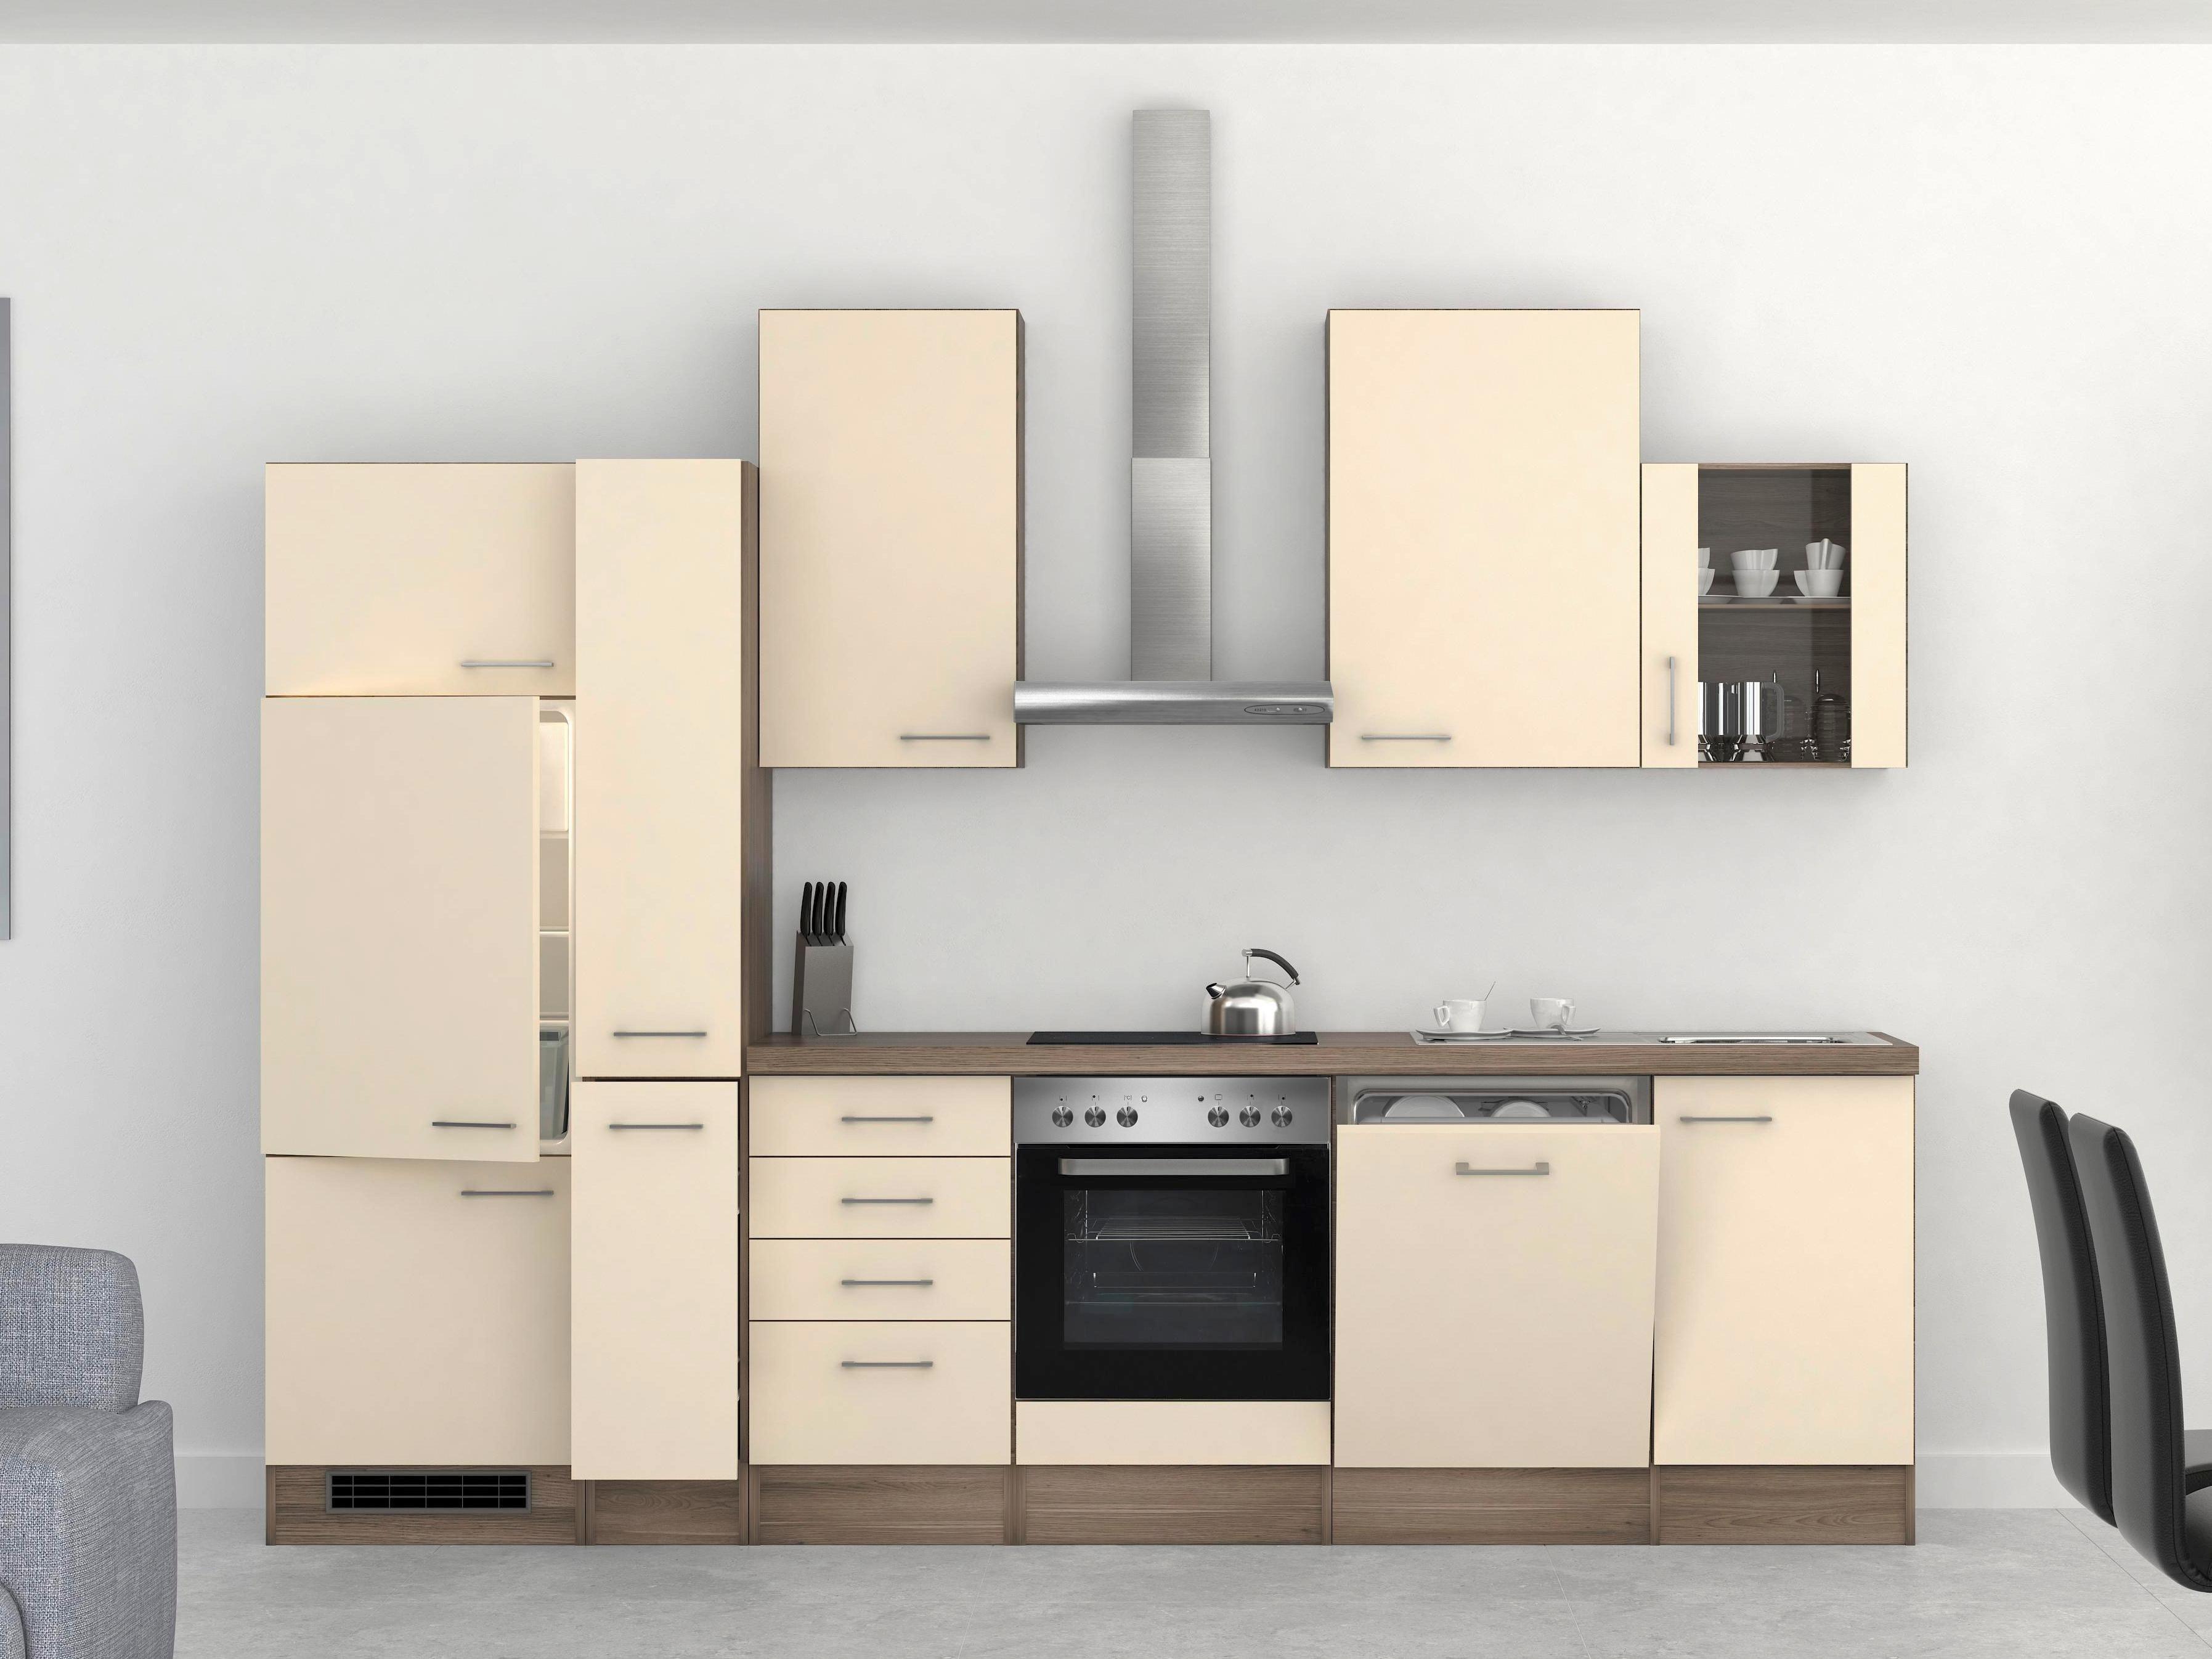 Mini Kühlschrank Möbelix : Küchenblock eico cm magnolie online kaufen ➤ möbelix